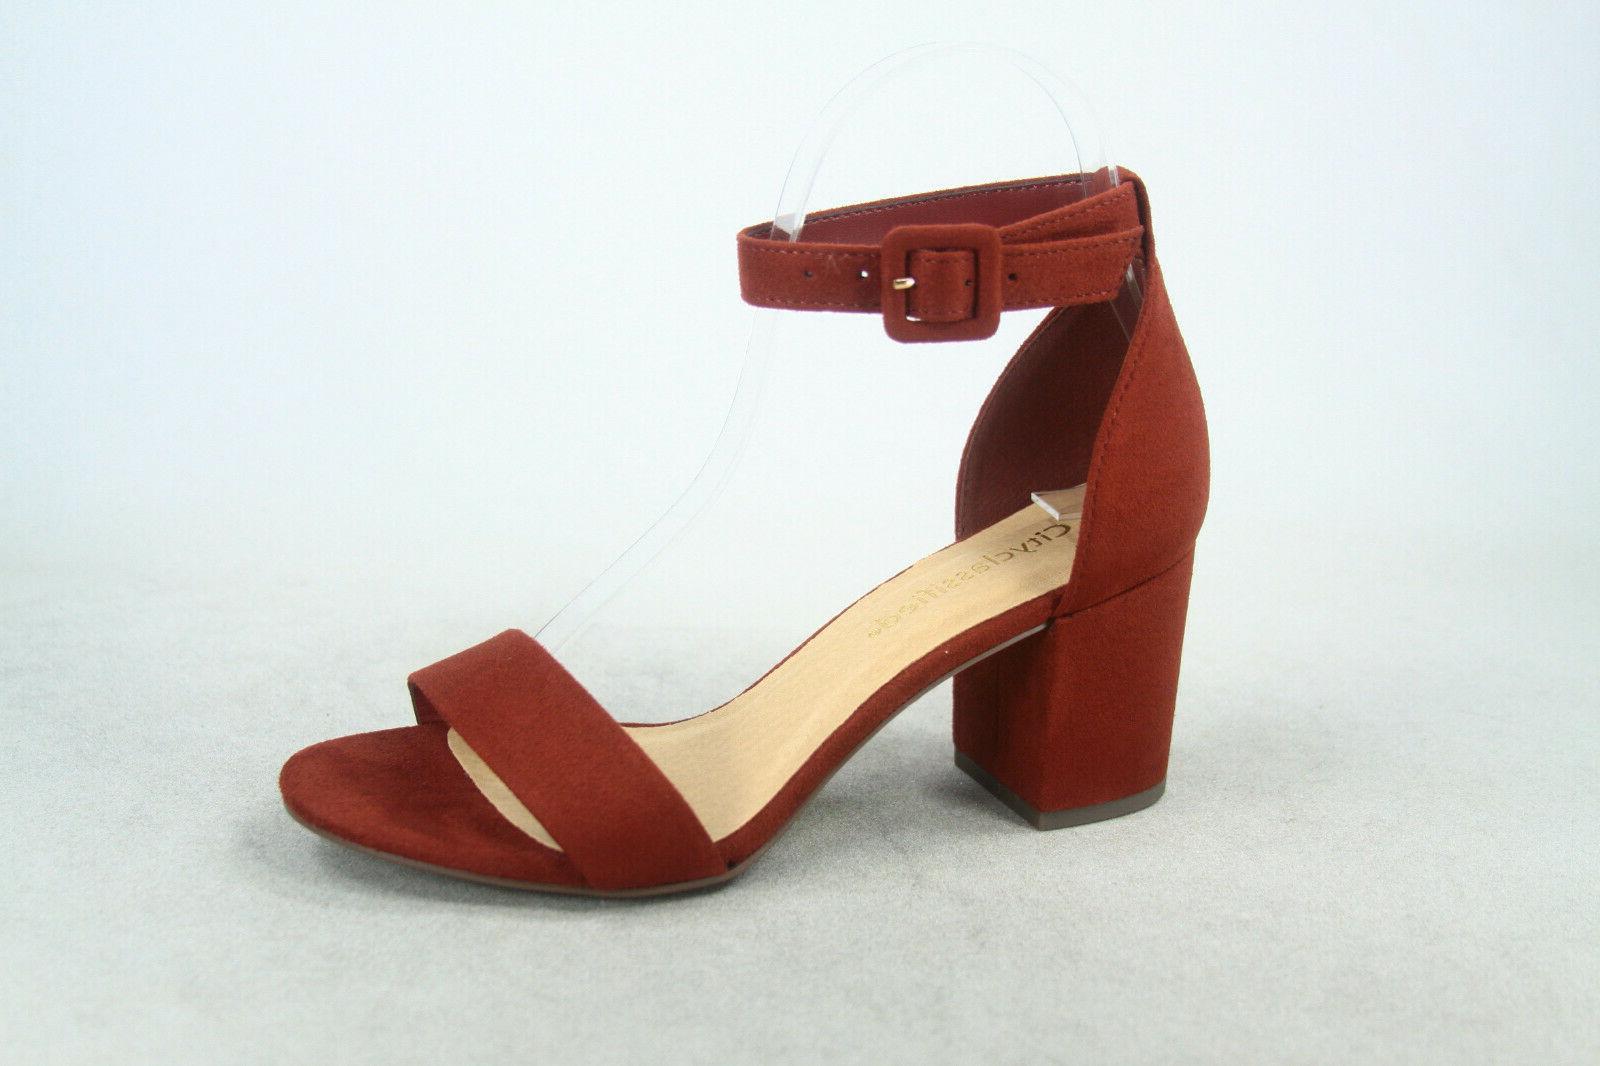 NEW Women's Strap Heel Dress Size 5